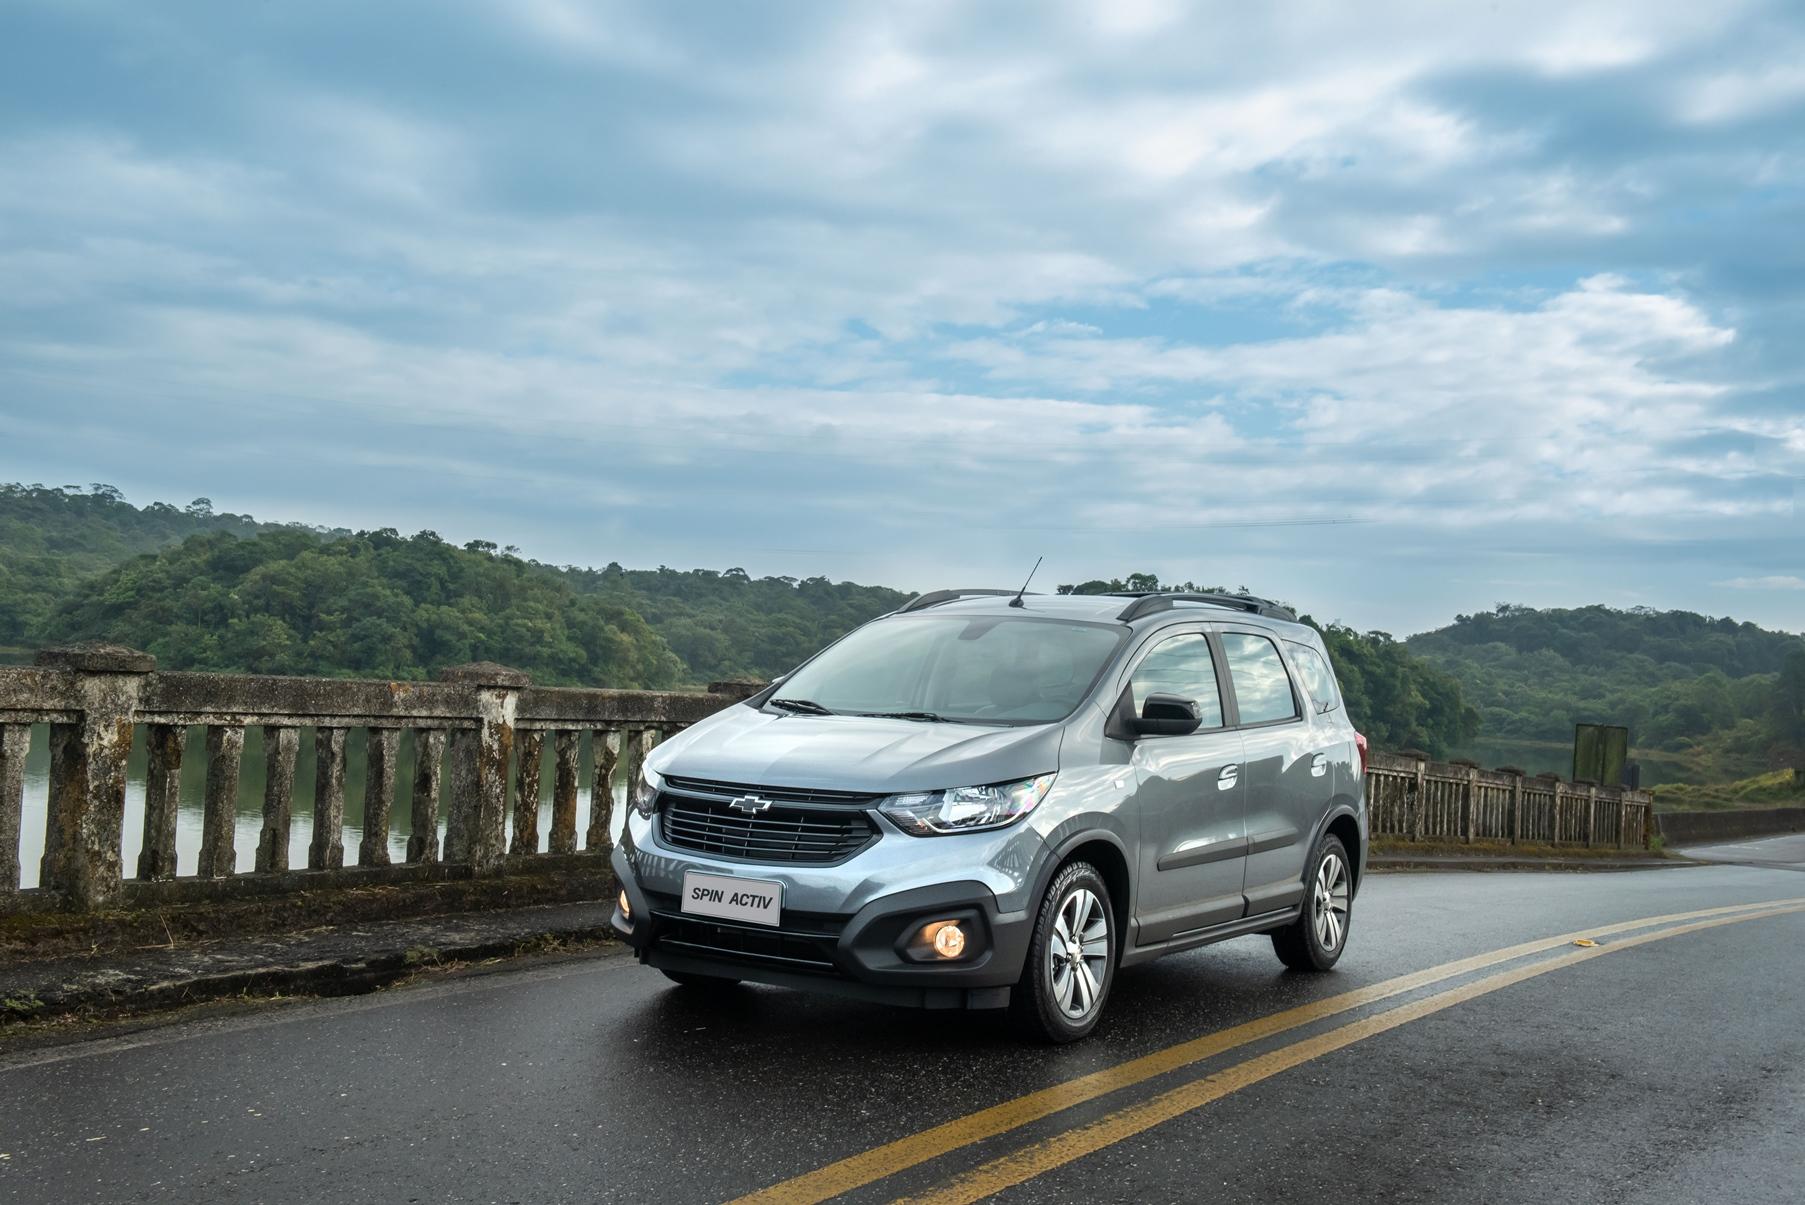 Chevrolet Spin Activ andando na estrada com paisagem natural e céu azul